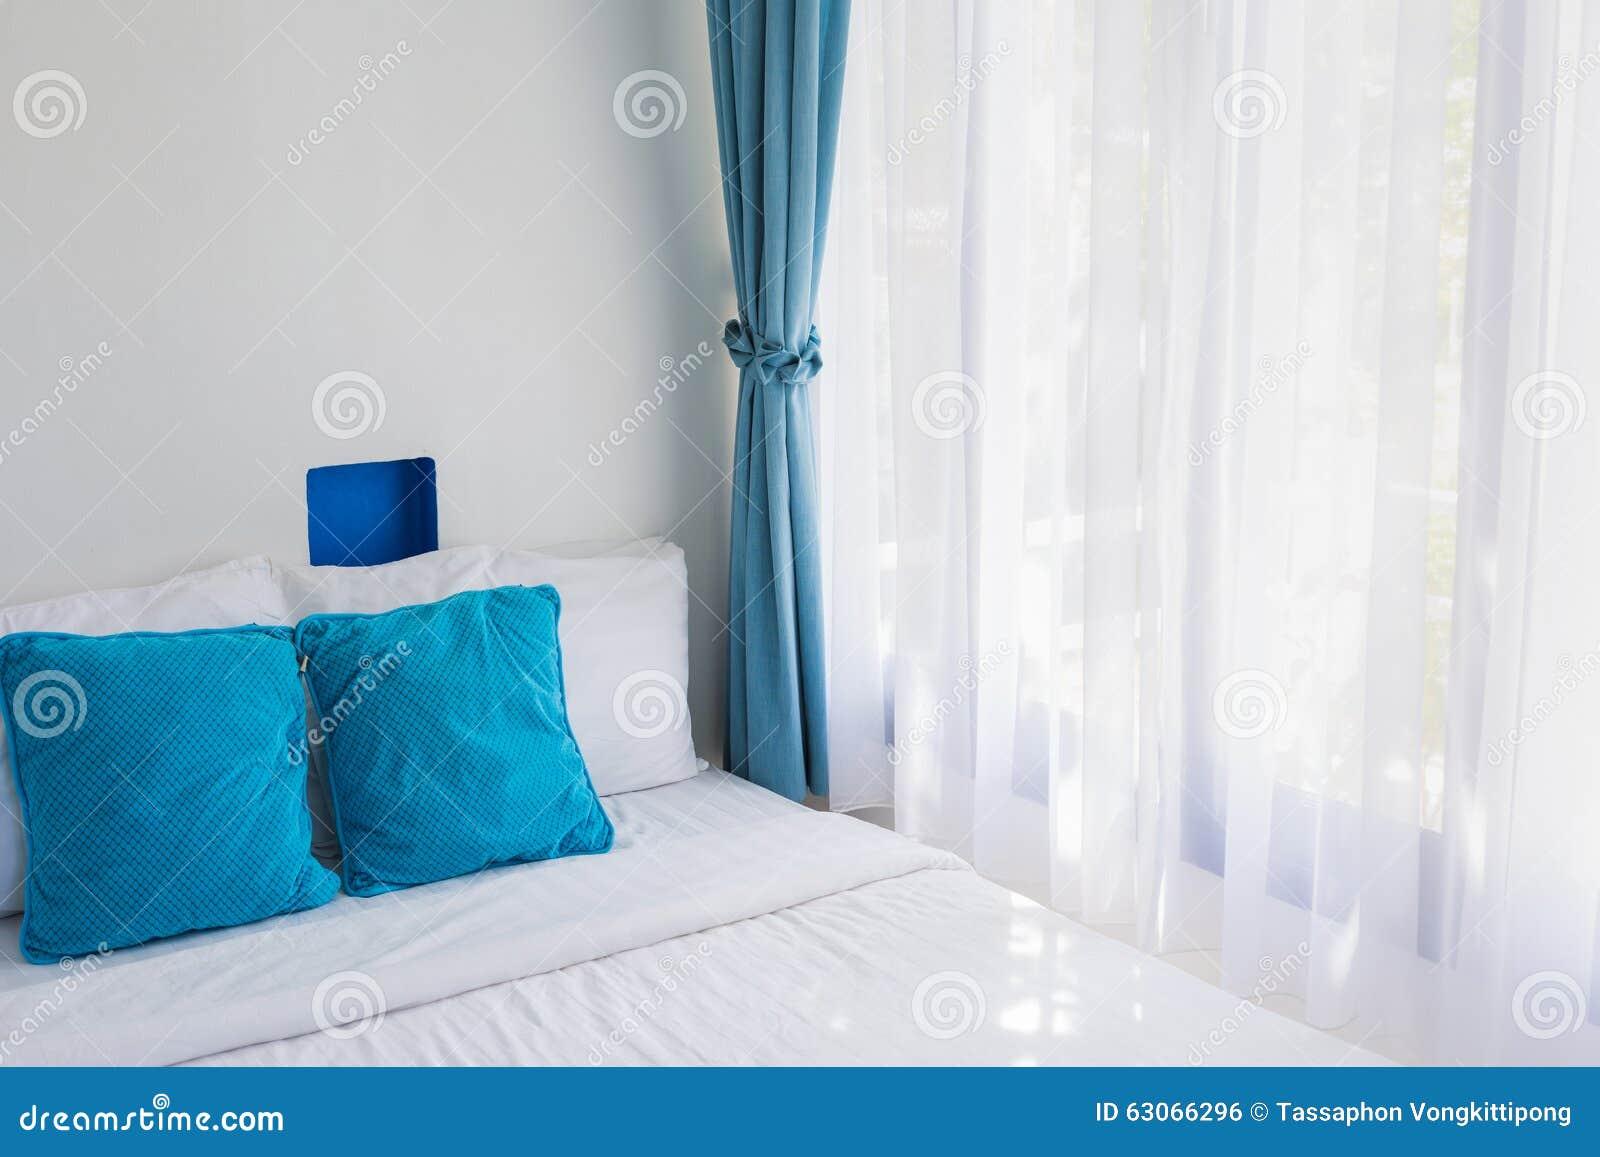 Tenda a pannello cameretta ragazzo - La finestra della camera da letto ...